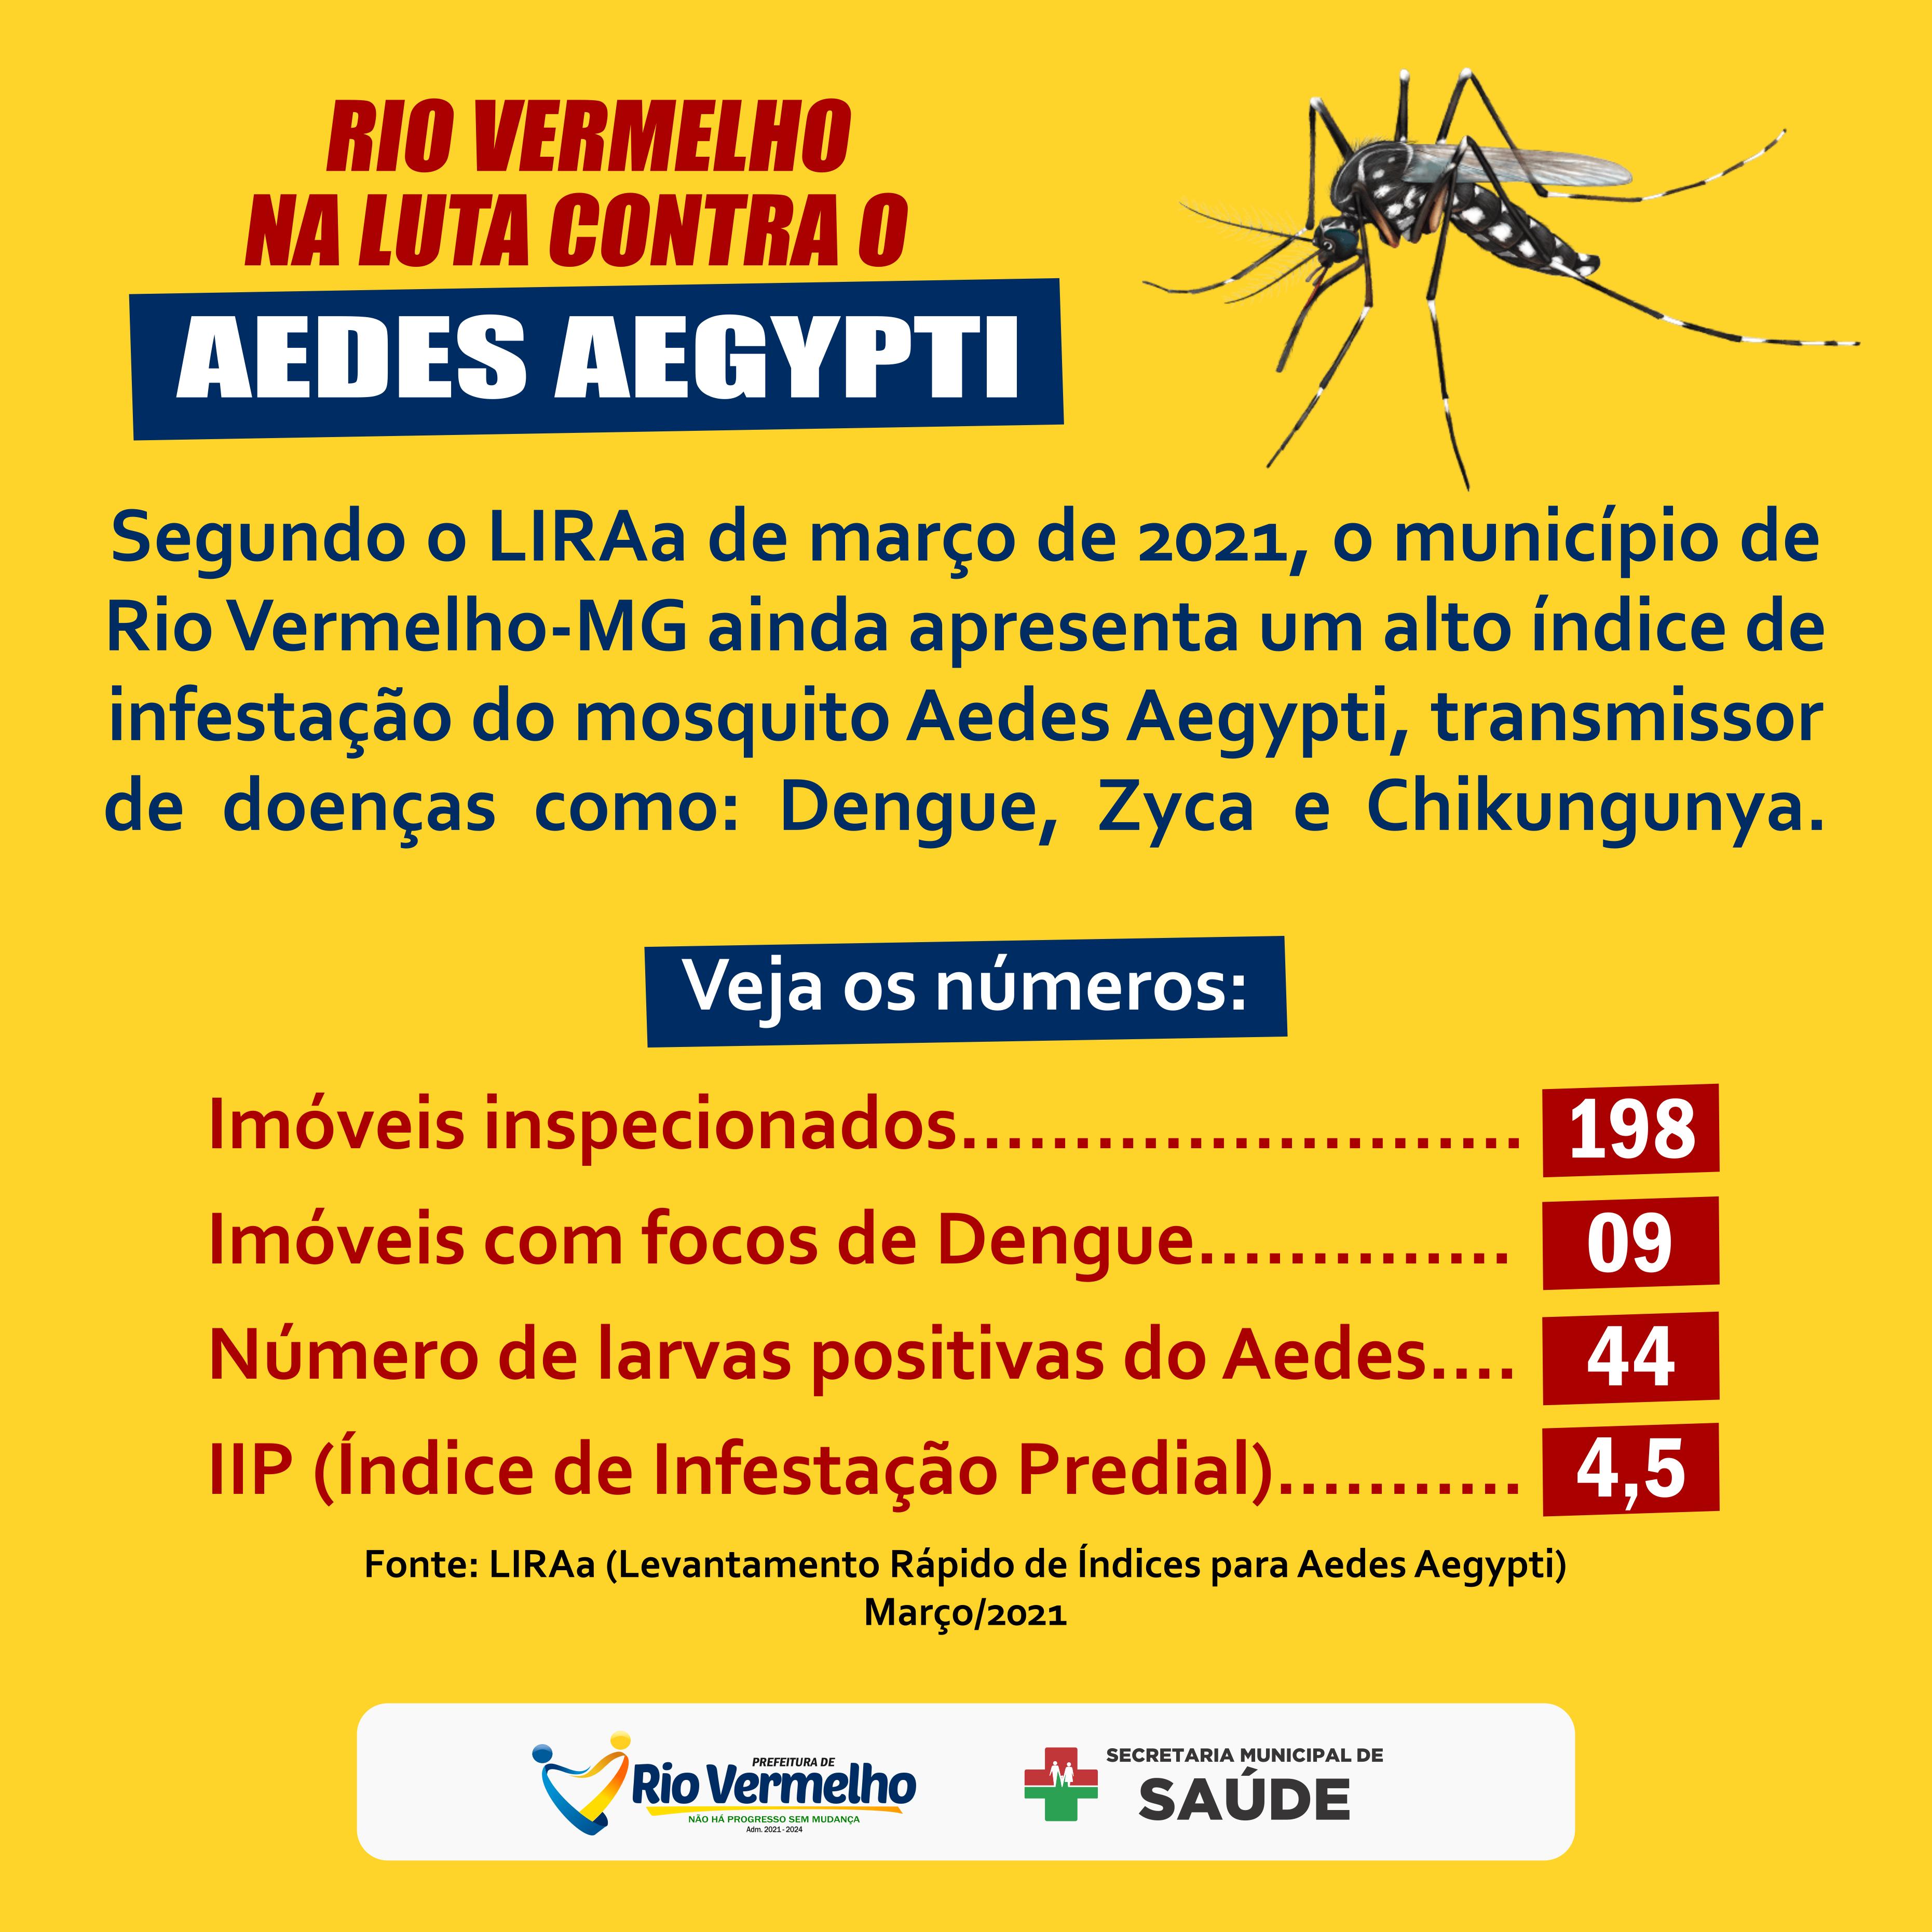 AEDES AEGYPTI: Rio Vermelho têm alto índice de infestação do mosquito